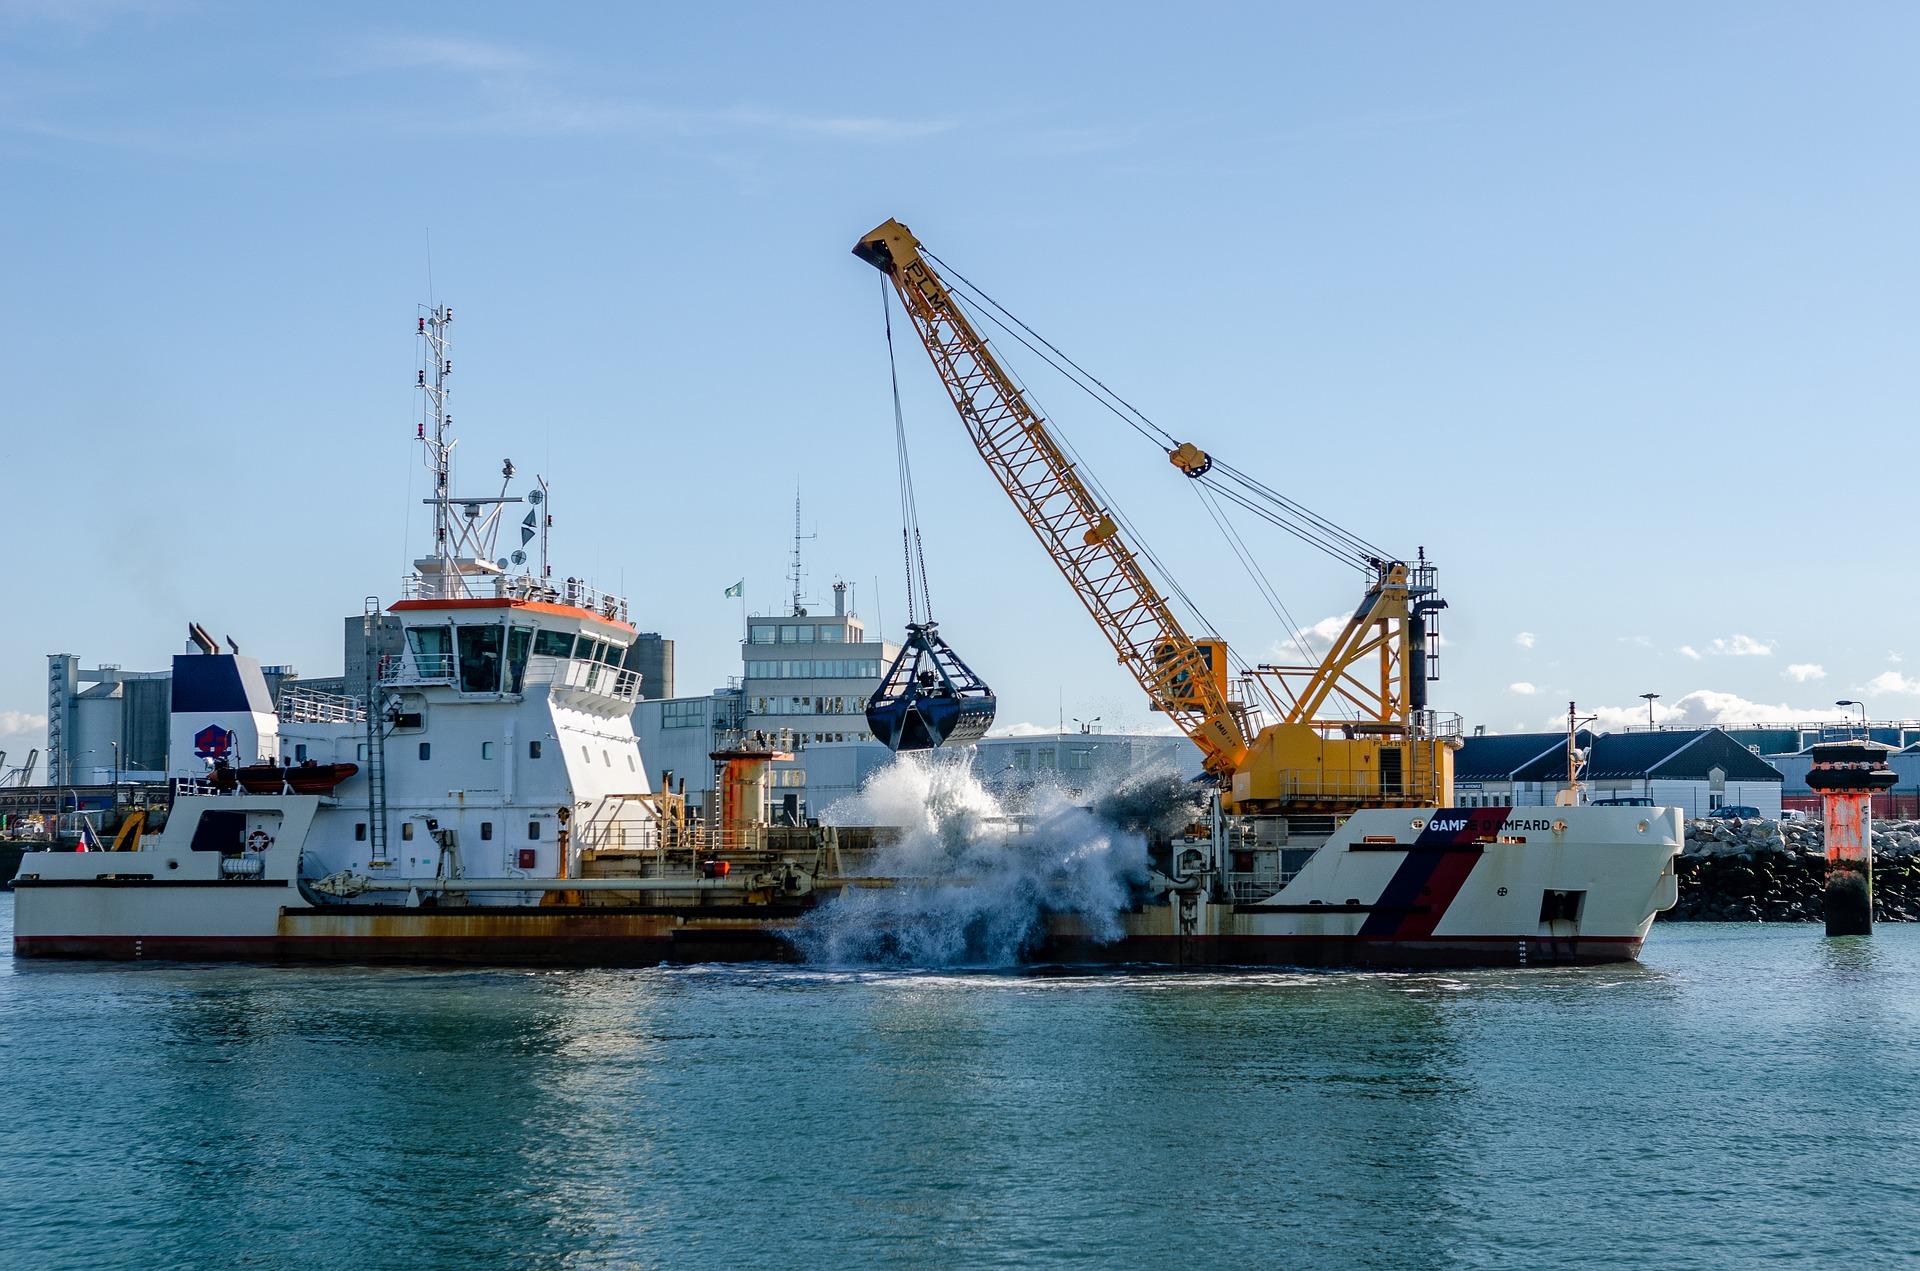 Image of dredging by Franck Barske from Pixabay